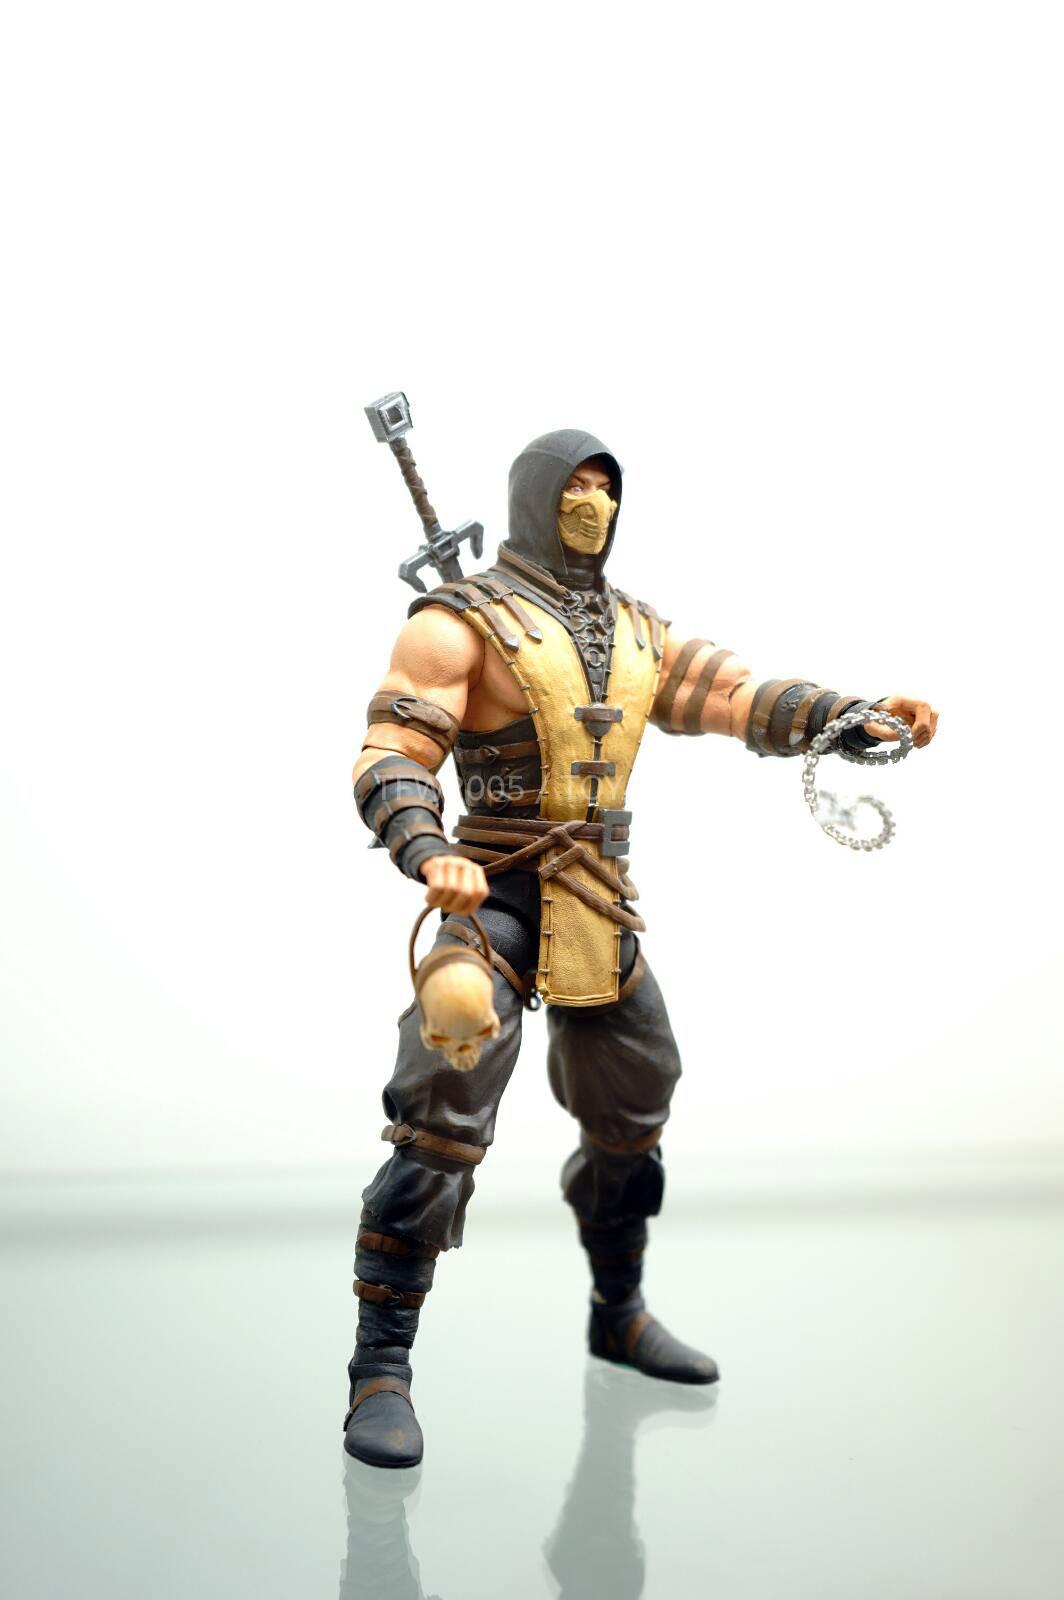 [NYCC 2014] MEZCO - 6-Inch Mortal Kombat X Figures NYCC-2014-Mezco-Mortal-Kombat-X-008